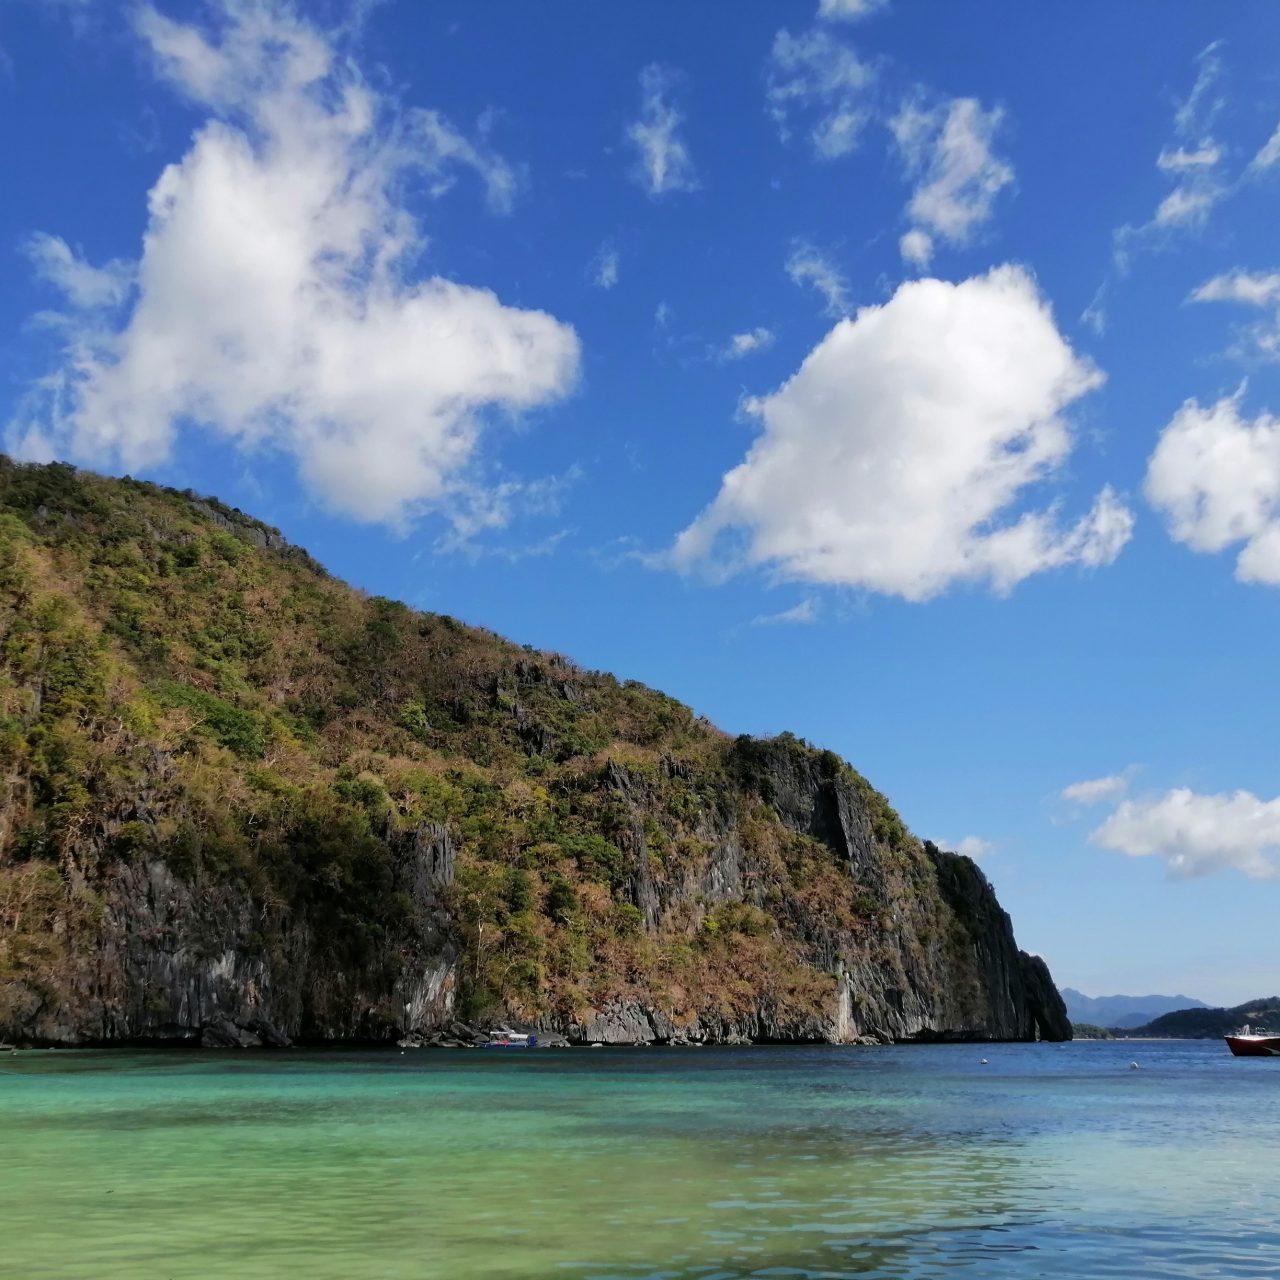 na otoke idile vas lahko popeljejo tudi čudoviti katamarani